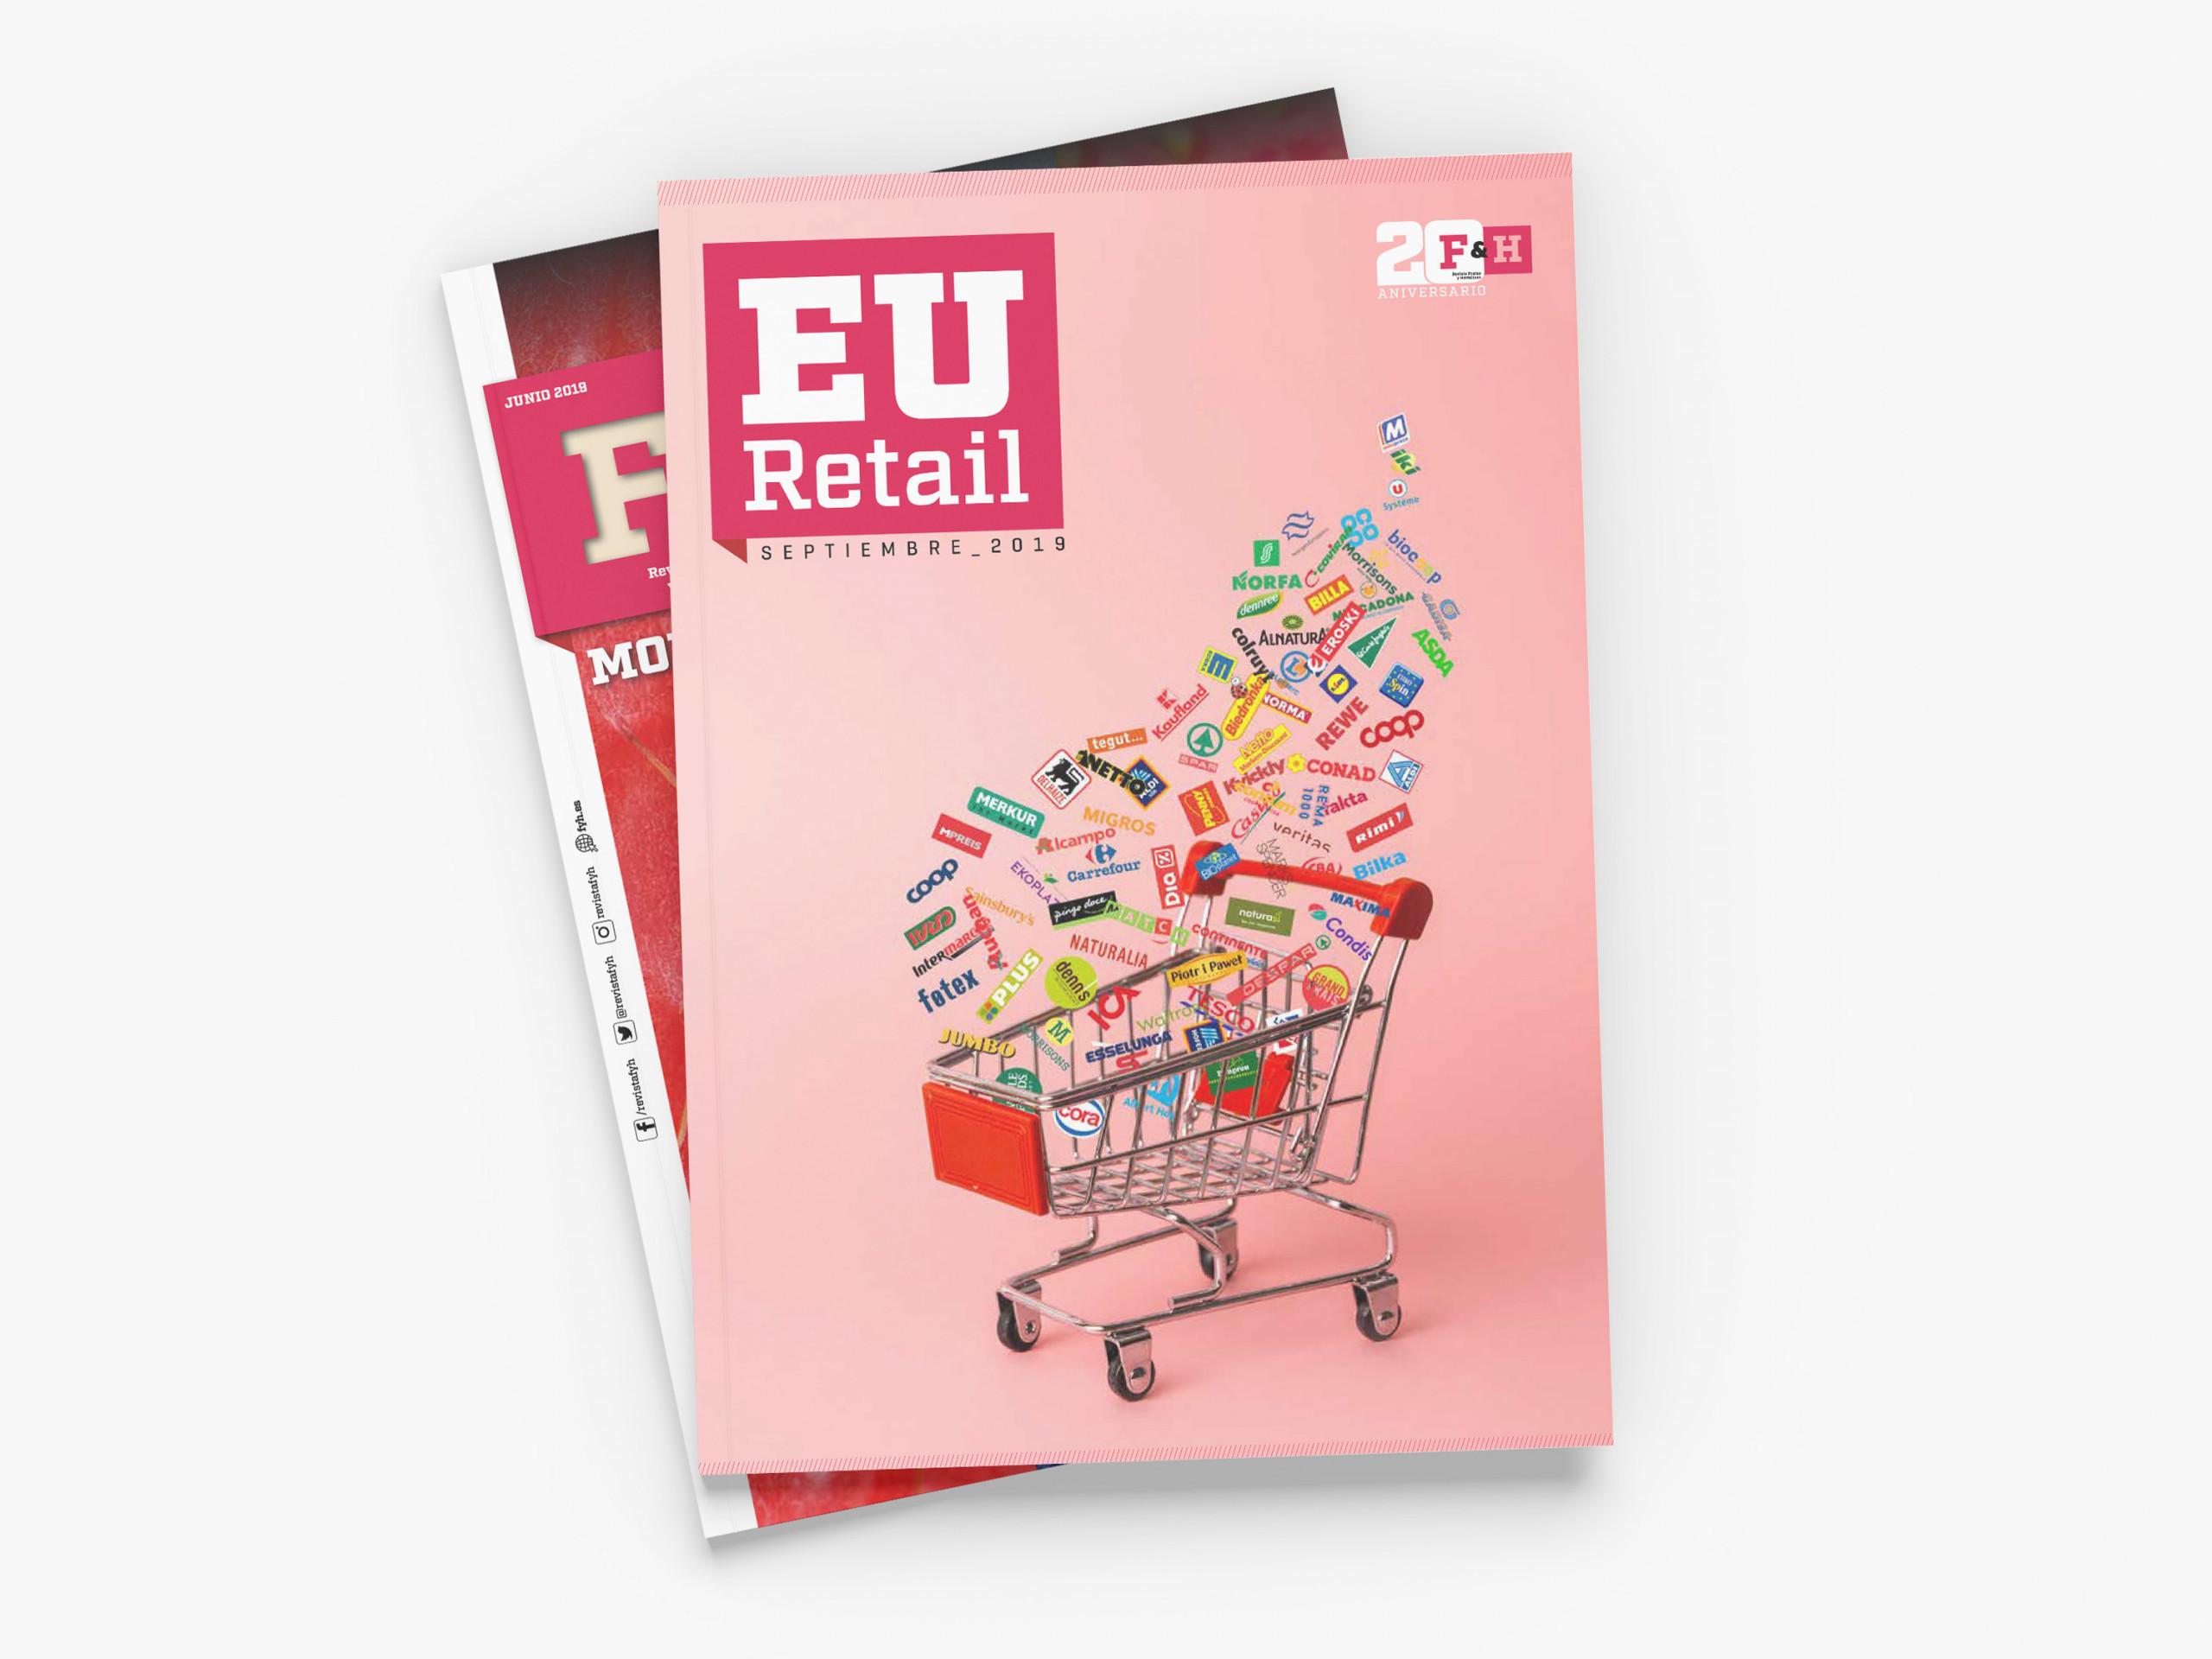 fyh-publicaciones